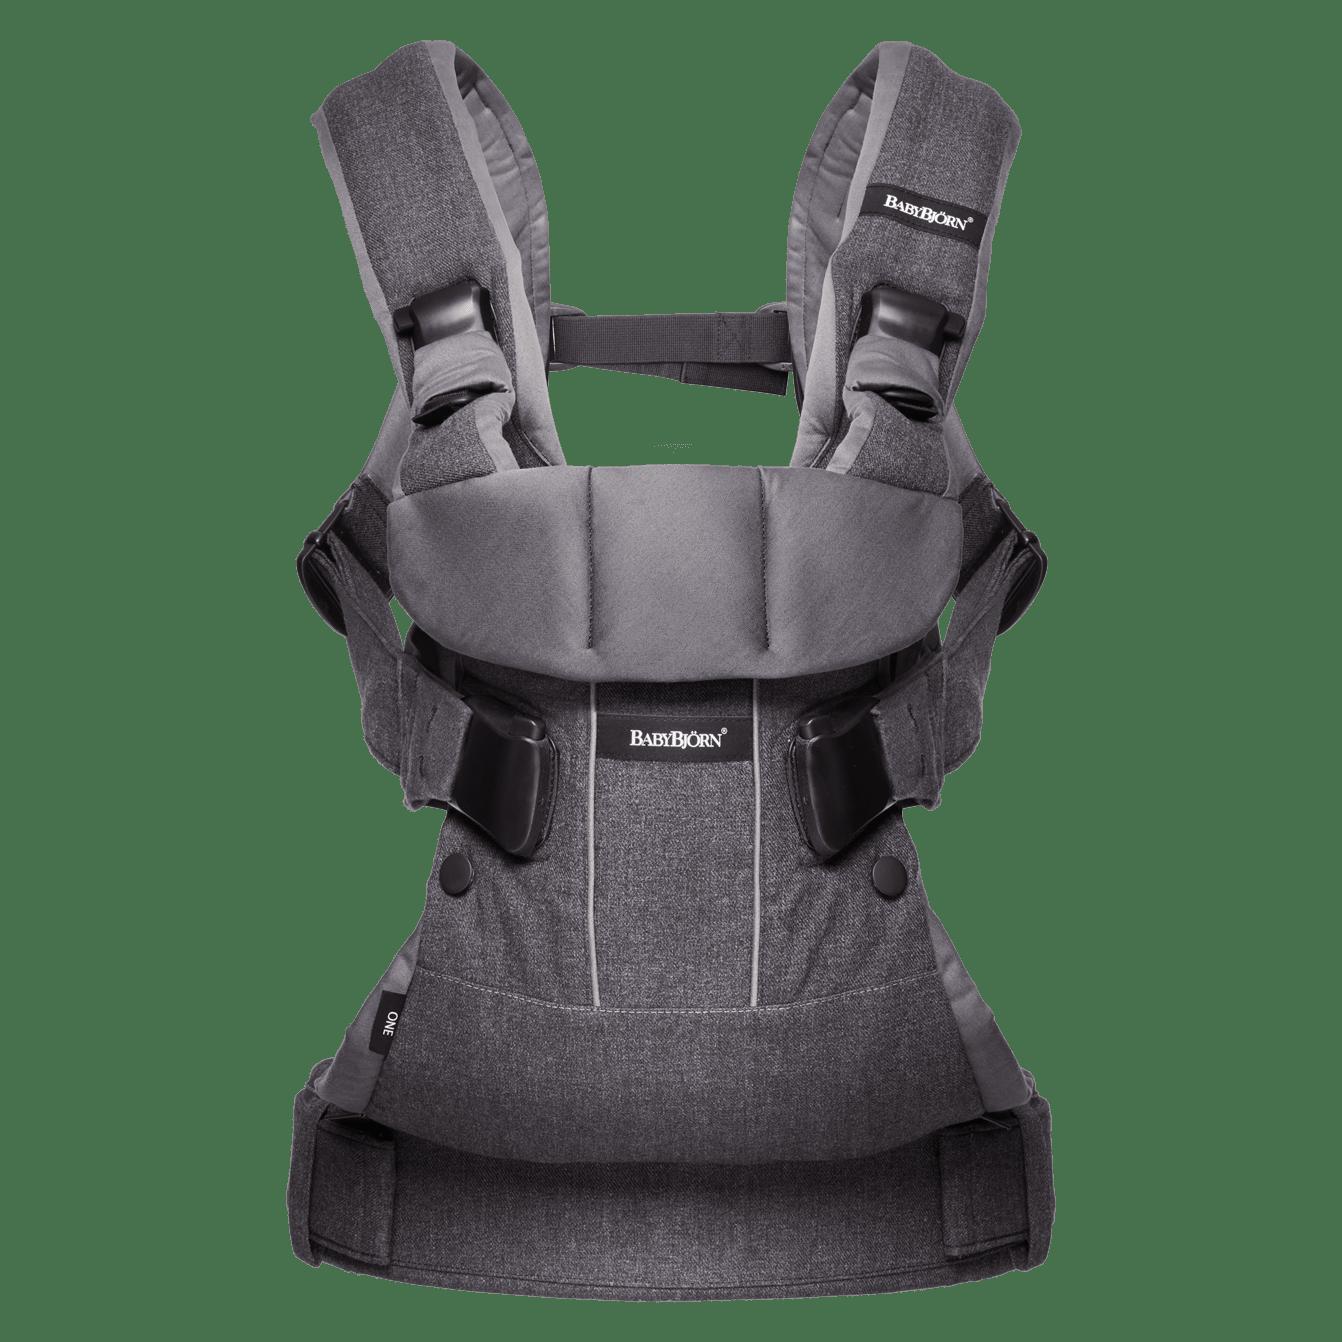 BABYBJÖRN Bärsele One i denimgrå/mörkgrå, en ergonomisk bärsele i cotton mix för nyfödda och upp till 3 års ålder.